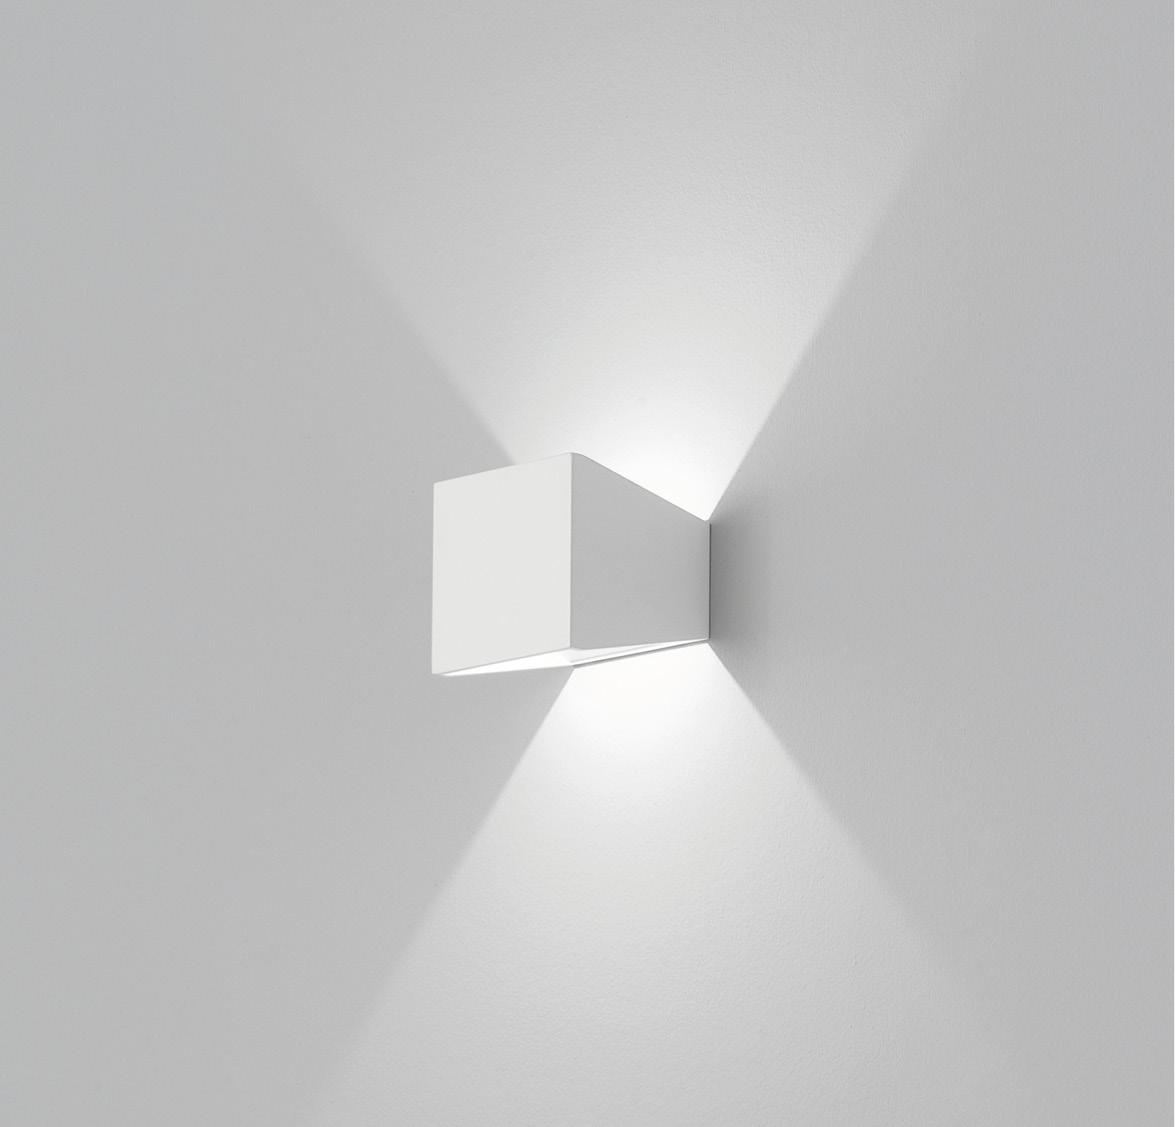 Mia a9 651 lampada da parete di aqlus lampade da parete for Lampade da parete design economiche